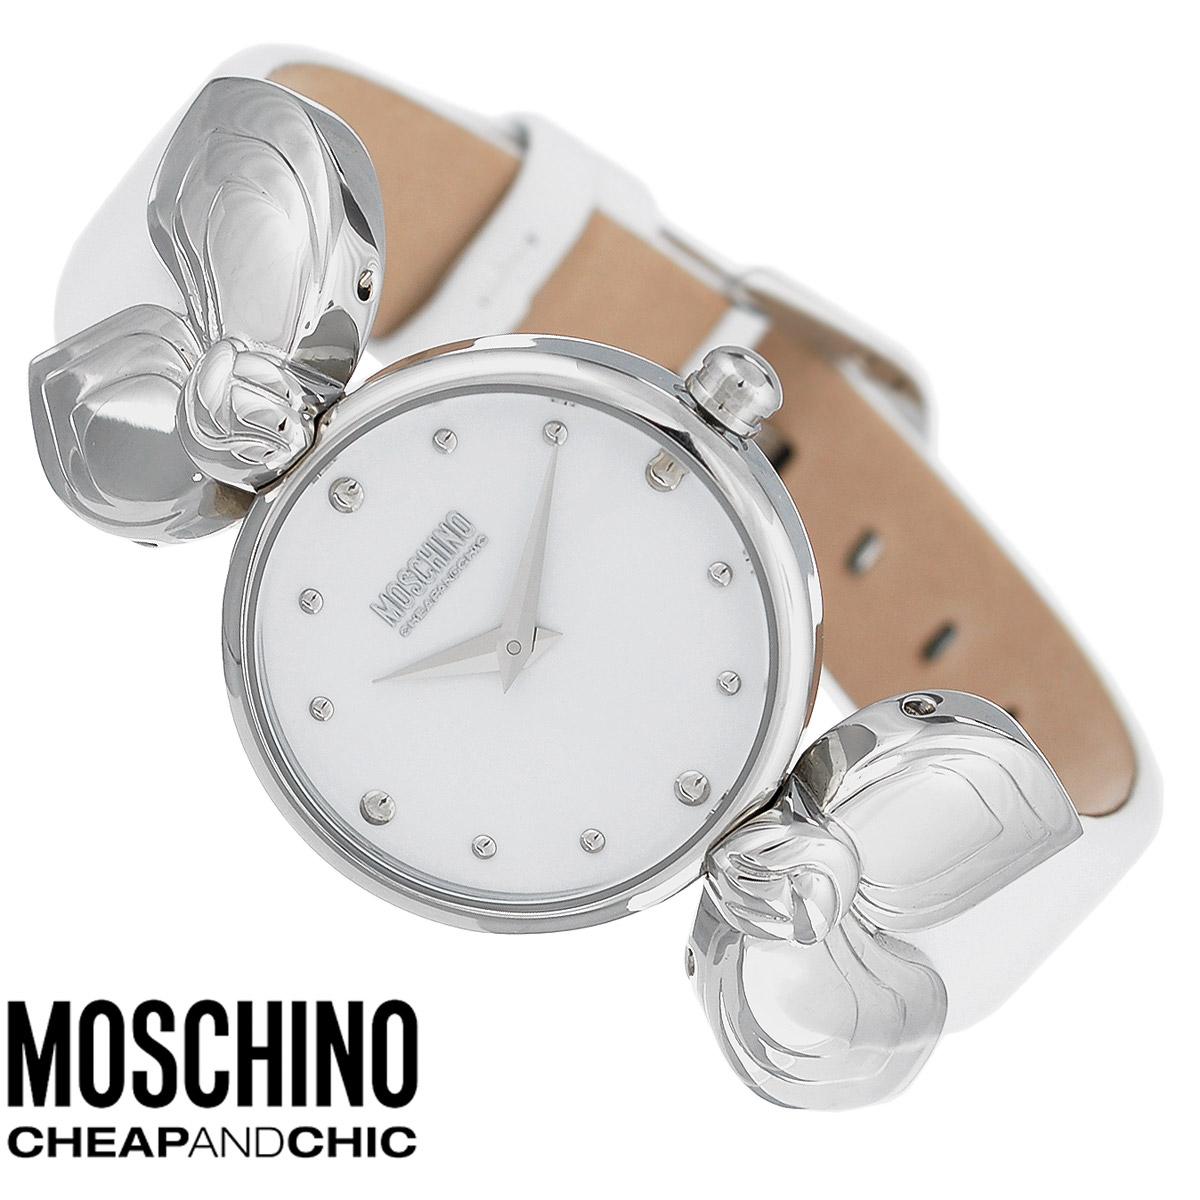 Часы женские наручные Moschino, цвет: белый. MW0308MW0308Наручные часы от известного итальянского бренда Moschino - это не только стильный и функциональный аксессуар, но и современные технологи, сочетающиеся с экстравагантным дизайном и индивидуальностью. Часы Moschino оснащены кварцевым механизмом. Корпус выполнен из высококачественной нержавеющей стали. Циферблат с отметками защищен минеральным стеклом. Часы имеют две стрелки - часовую и минутную. Ремешок часов выполнен из натуральной кожи и оснащен классической застежкой. Часы упакованы в фирменную металлическую коробку с логотипом бренда. Часы Moschino благодаря своему уникальному дизайну отличаются от часов других марок своеобразными циферблатами, функциональностью, а также набором уникальных технических свойств. Каждой модели присуща легкая экстравагантность, самобытность и, безусловно, великолепный вкус. Характеристики: Диаметр циферблата: 2,7 см. Размер корпуса: 3 см х 3 см х 0,7 см. Длина ремешка (с корпусом): 22...